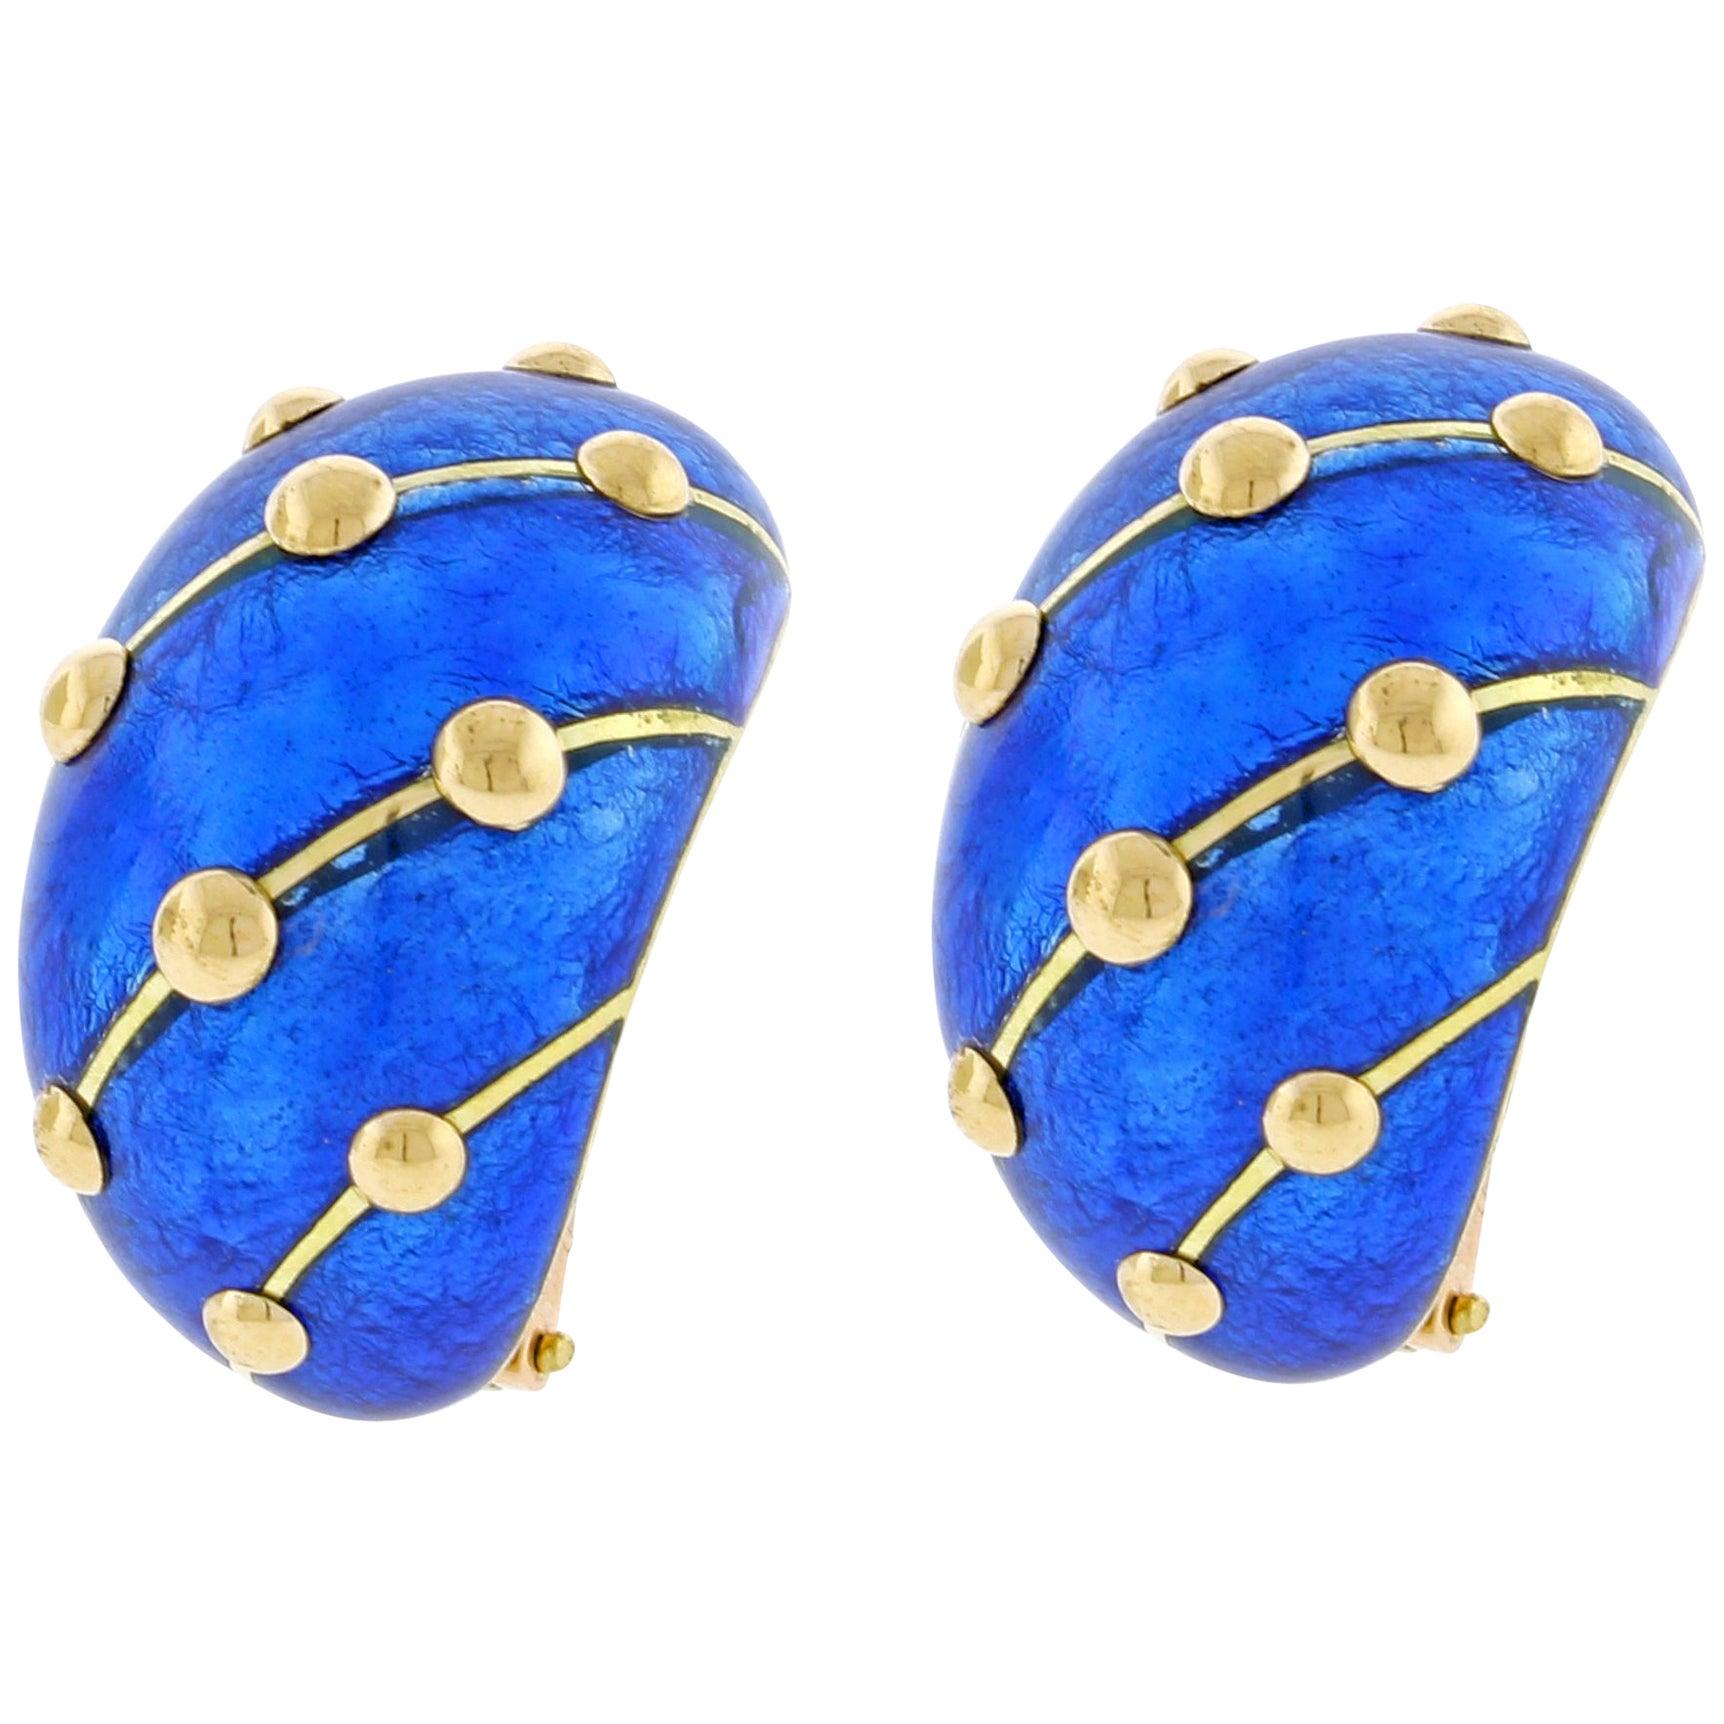 Jean Schlumberger for Tiffany & Co. Cobalt Blue Enamel Banana Earrings